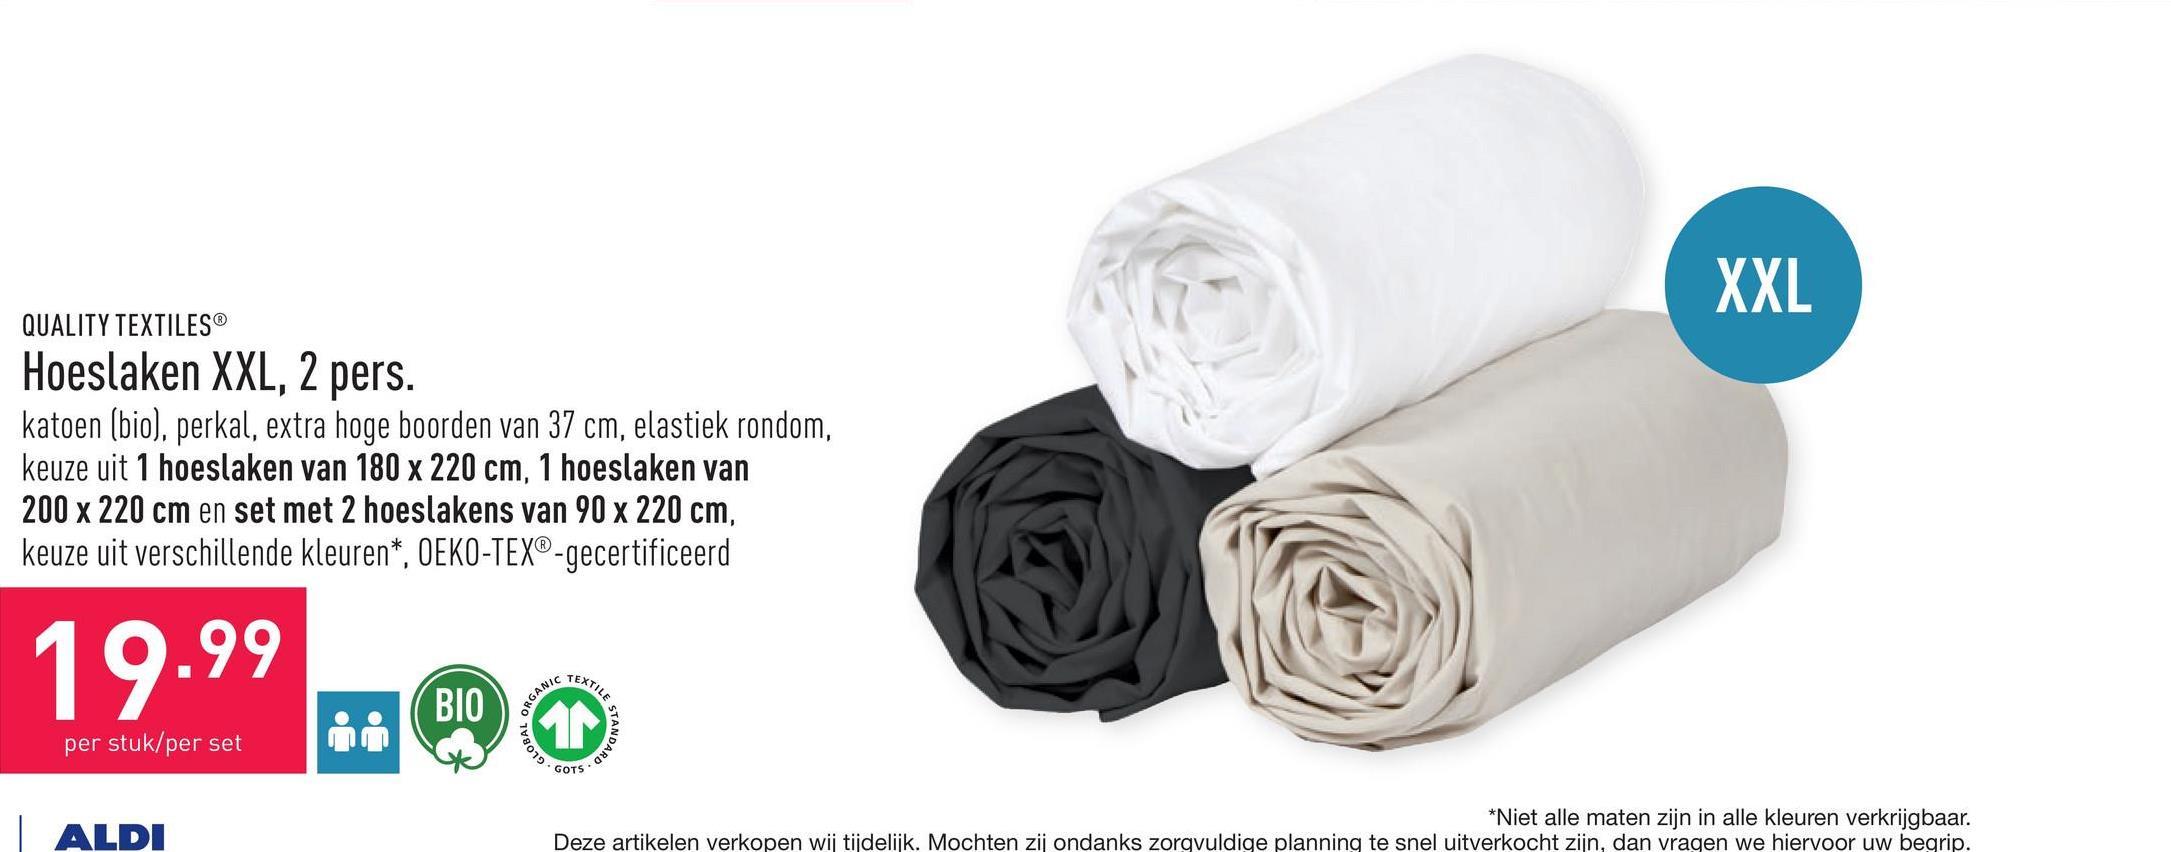 Hoeslaken XXL, 2 pers. katoen (bio), perkal, extra hoge boorden van 37 cm, elastiek rondom, keuze uit 1 hoeslaken van 180 x 220 cm, 1 hoeslaken van 200 x 220 cm en set met 2 hoeslakens van 90 x 220 cm, keuze uit verschillende kleuren*, OEKO-TEX®-gecertificeerd